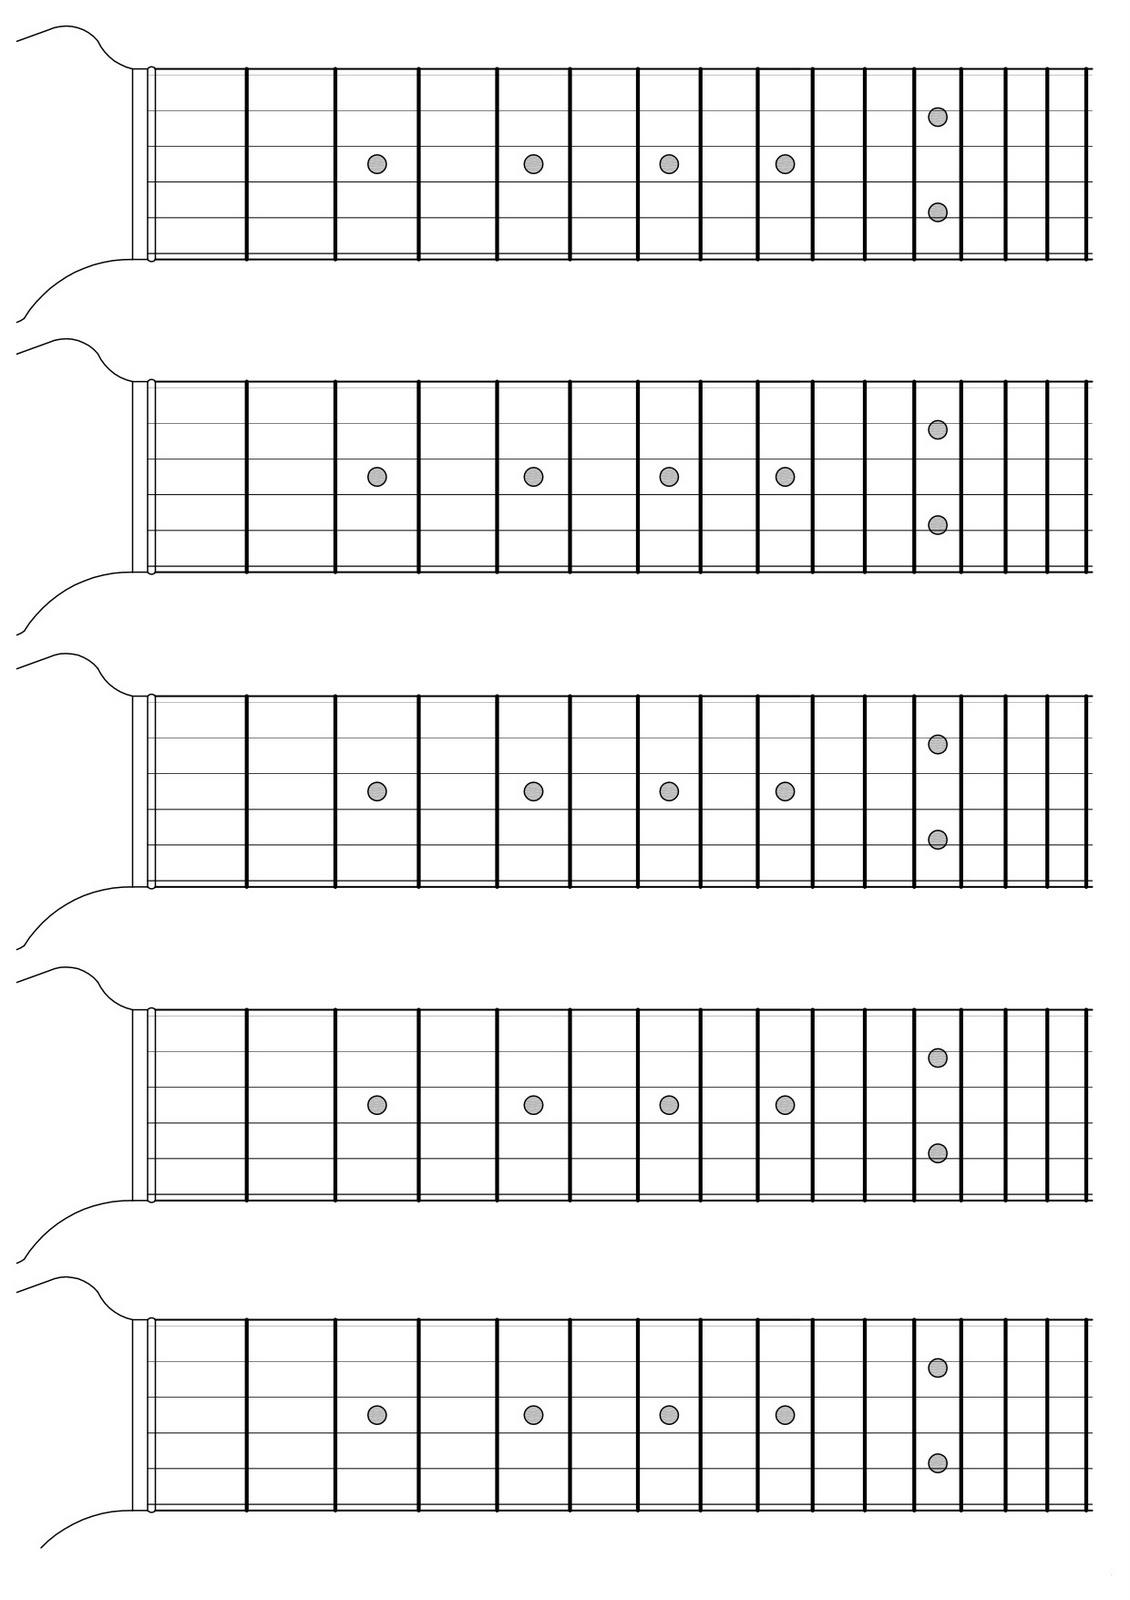 Lezioni di chitarra febbraio 2011 - Pagina da colorare per chitarra ...